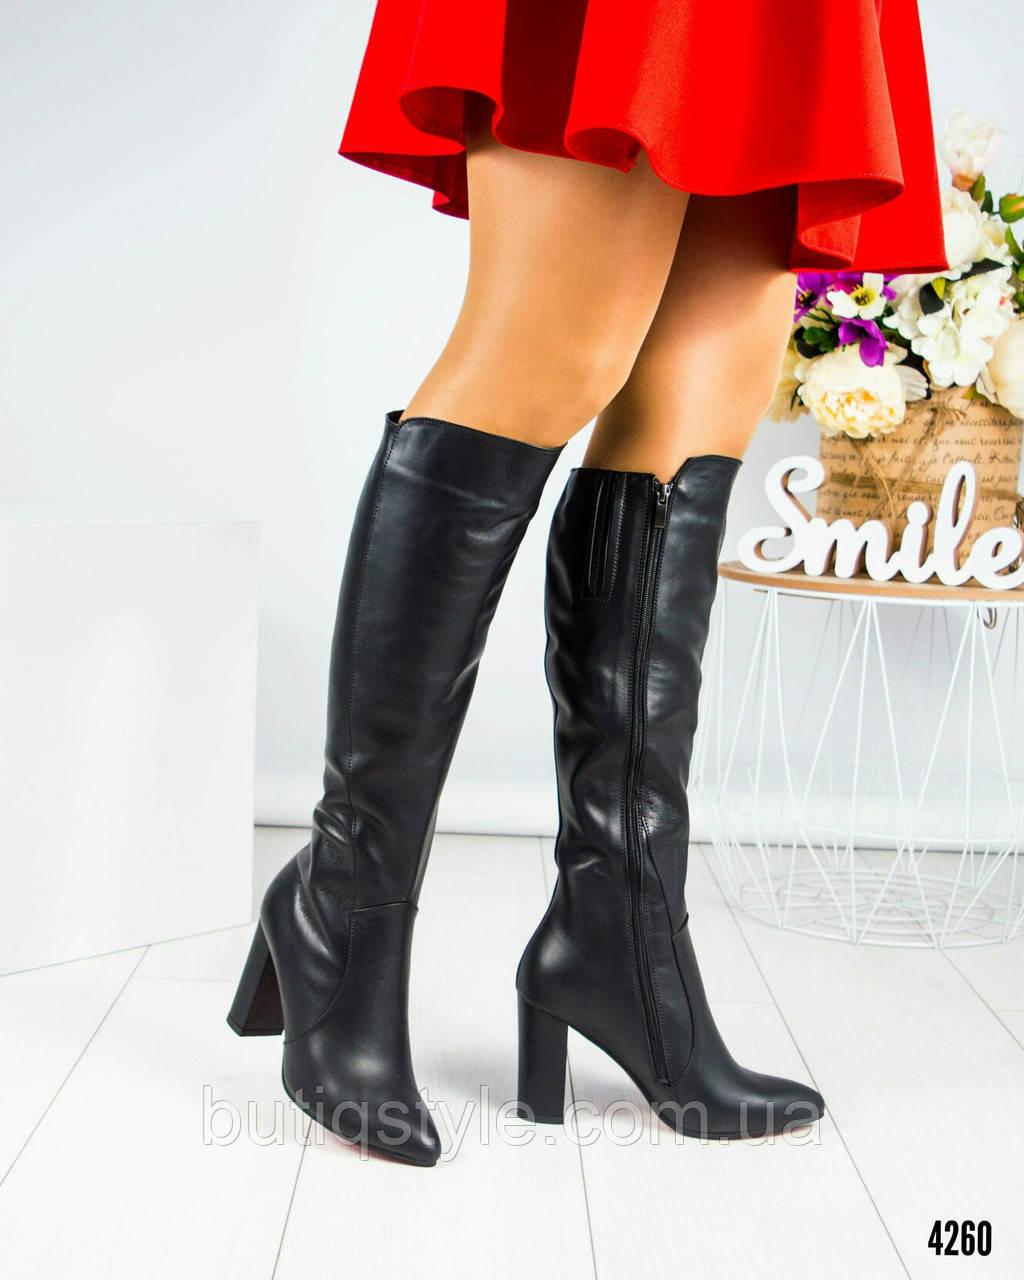 39, 40 размер! Женские деми сапоги на каблуке кожа черные